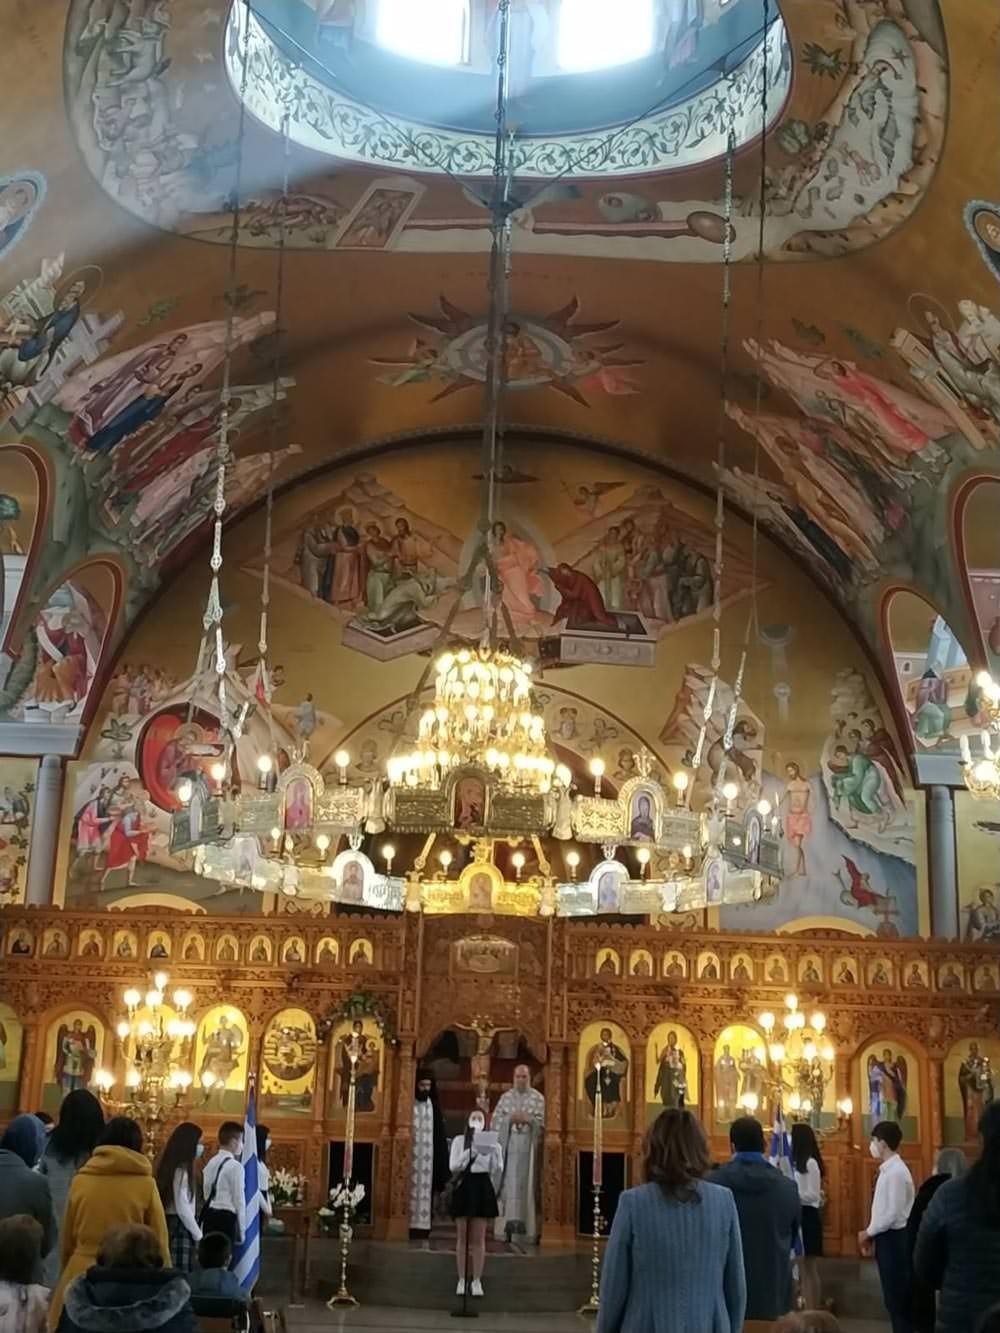 Ιερός Ναός Αγίων Πάντων 25η Μαρτίου Μόναχο